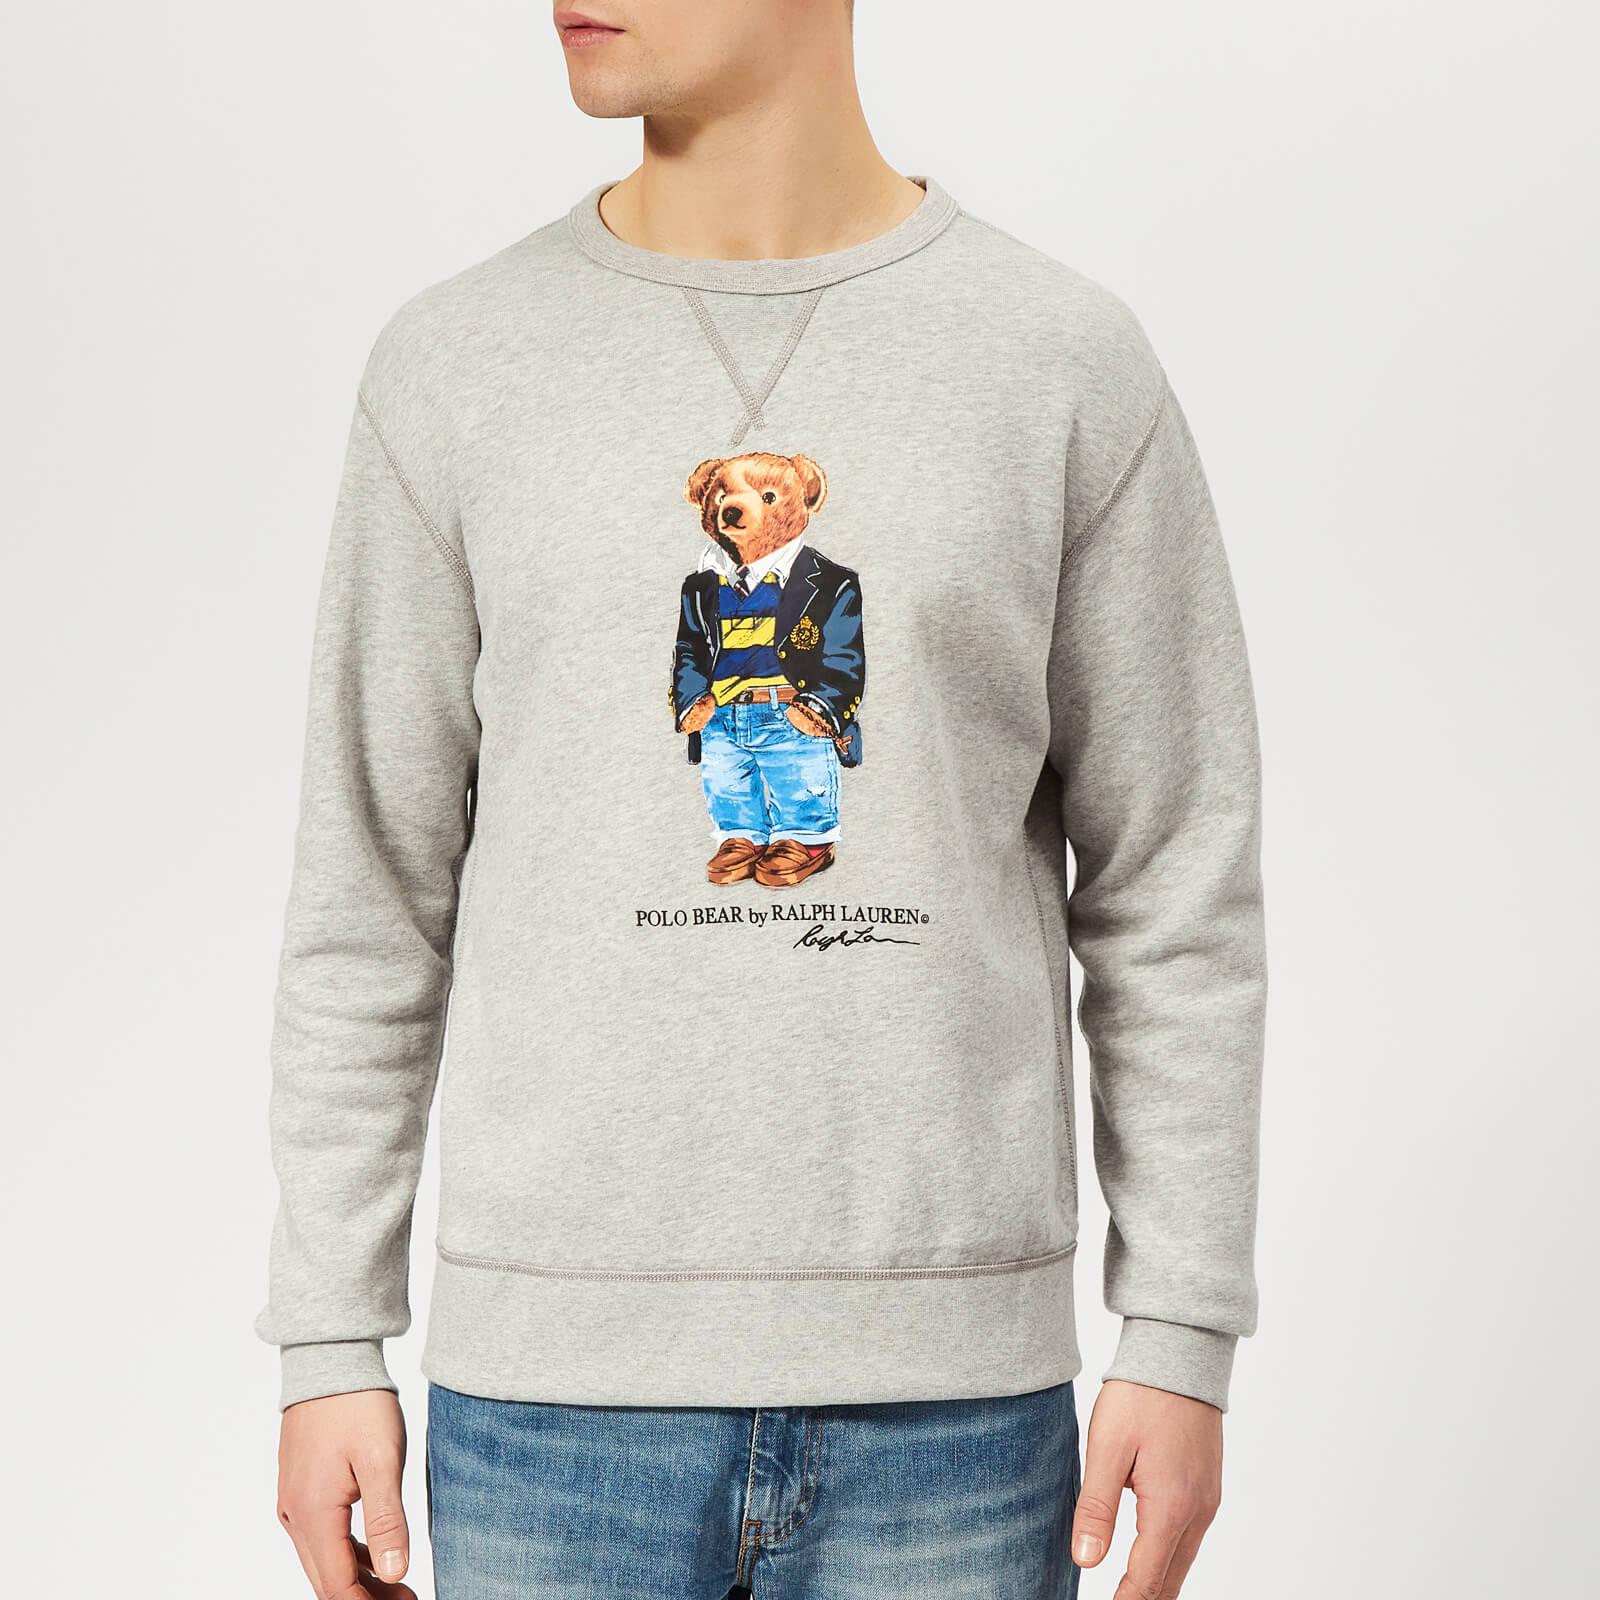 8d706377 Polo Ralph Lauren Men's Bear Sweatshirt - Andover Heather - Free UK  Delivery over £50